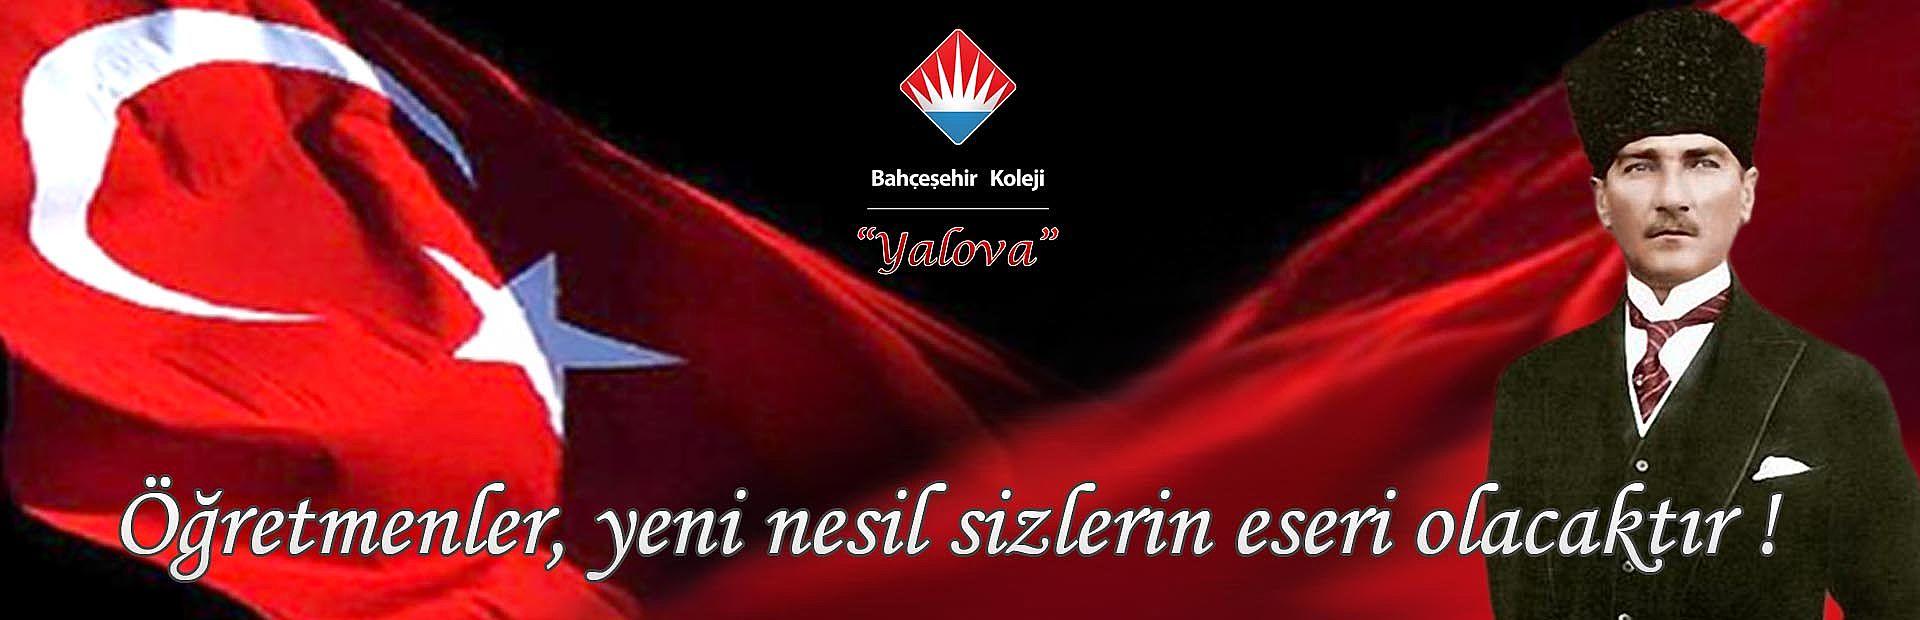 Yalova Bahçeşehir Koleji Video Servisi